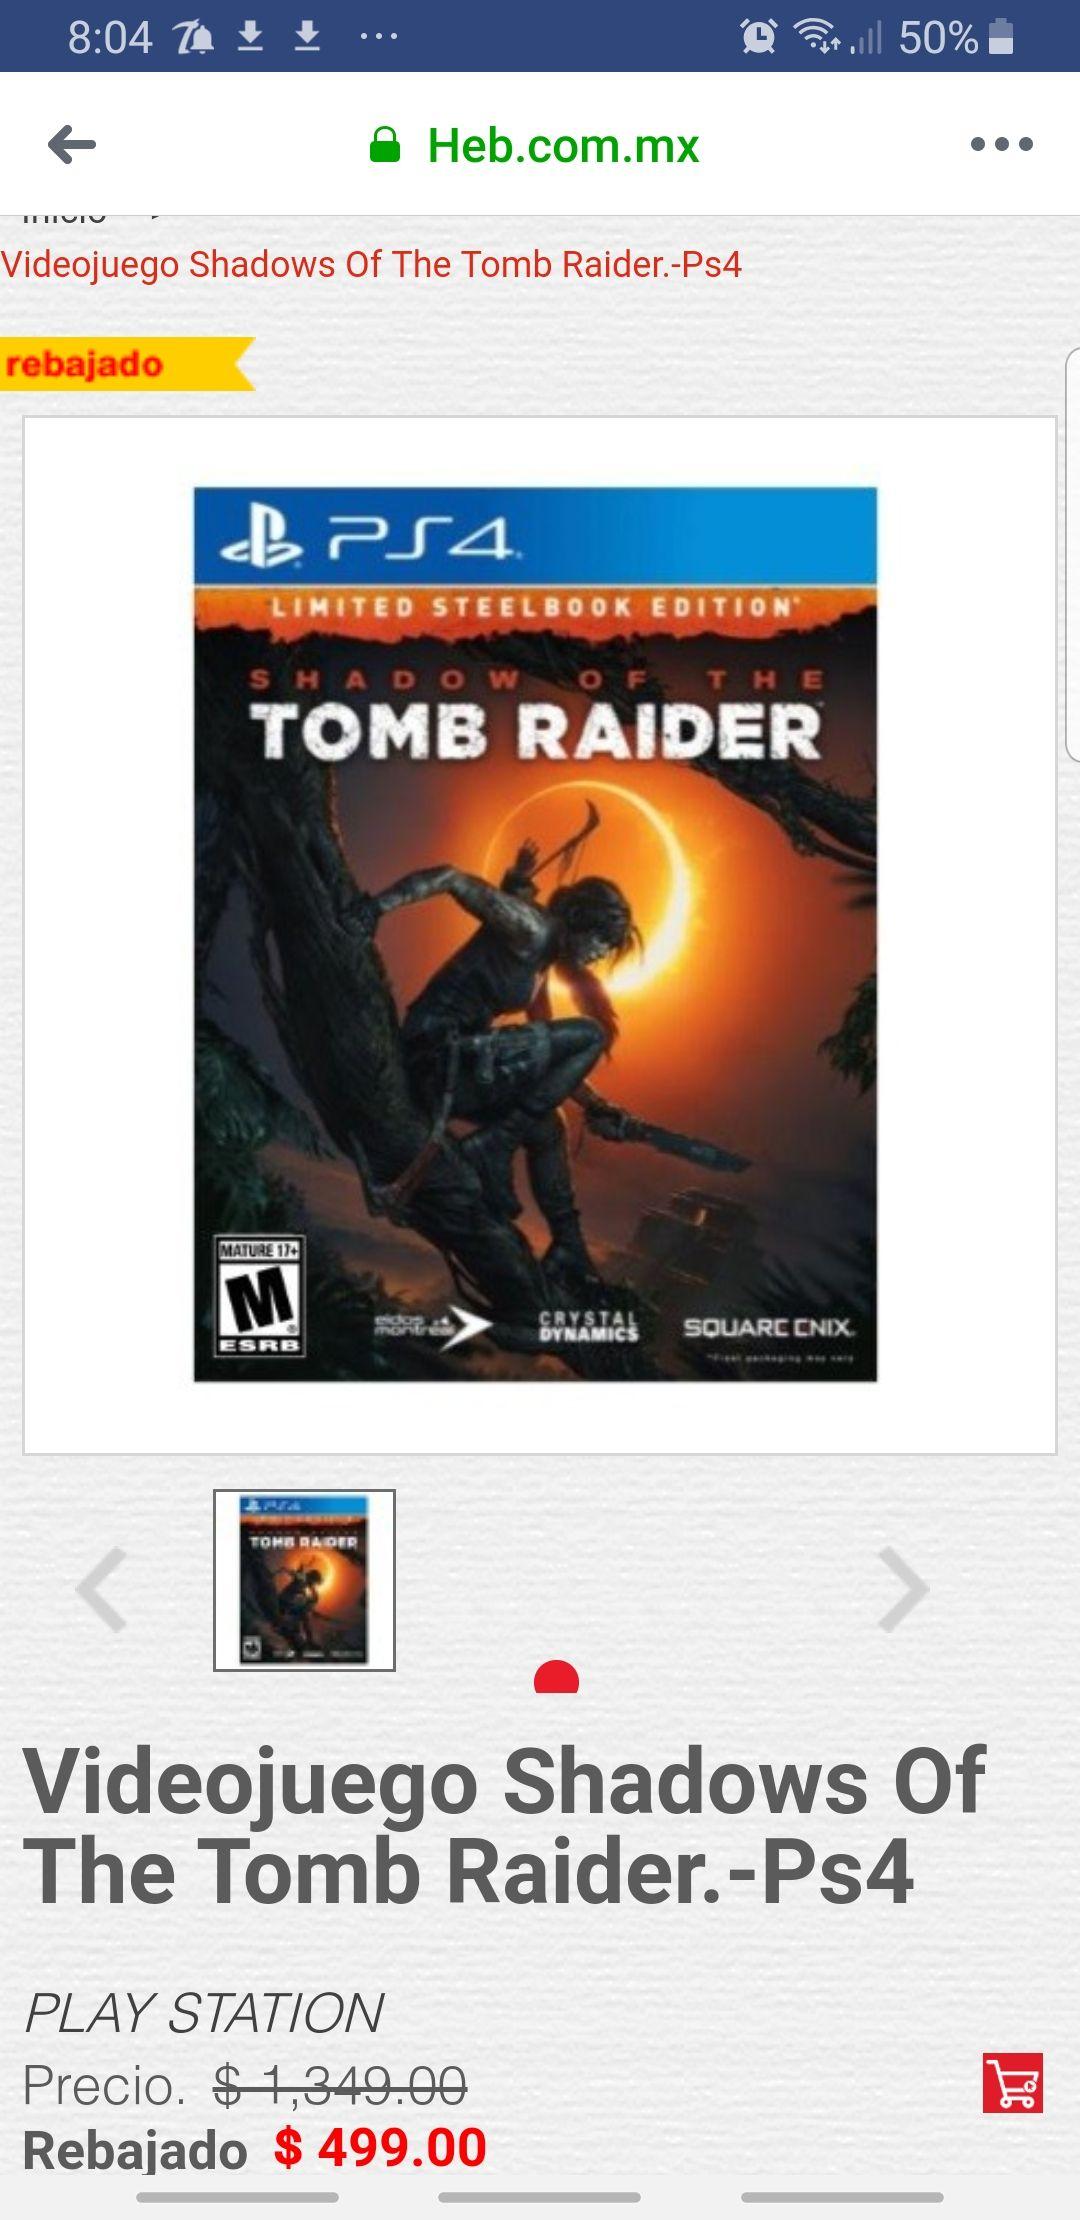 HEB en línea: Videojuego Shadows Of The Tomb Raider.-Ps4